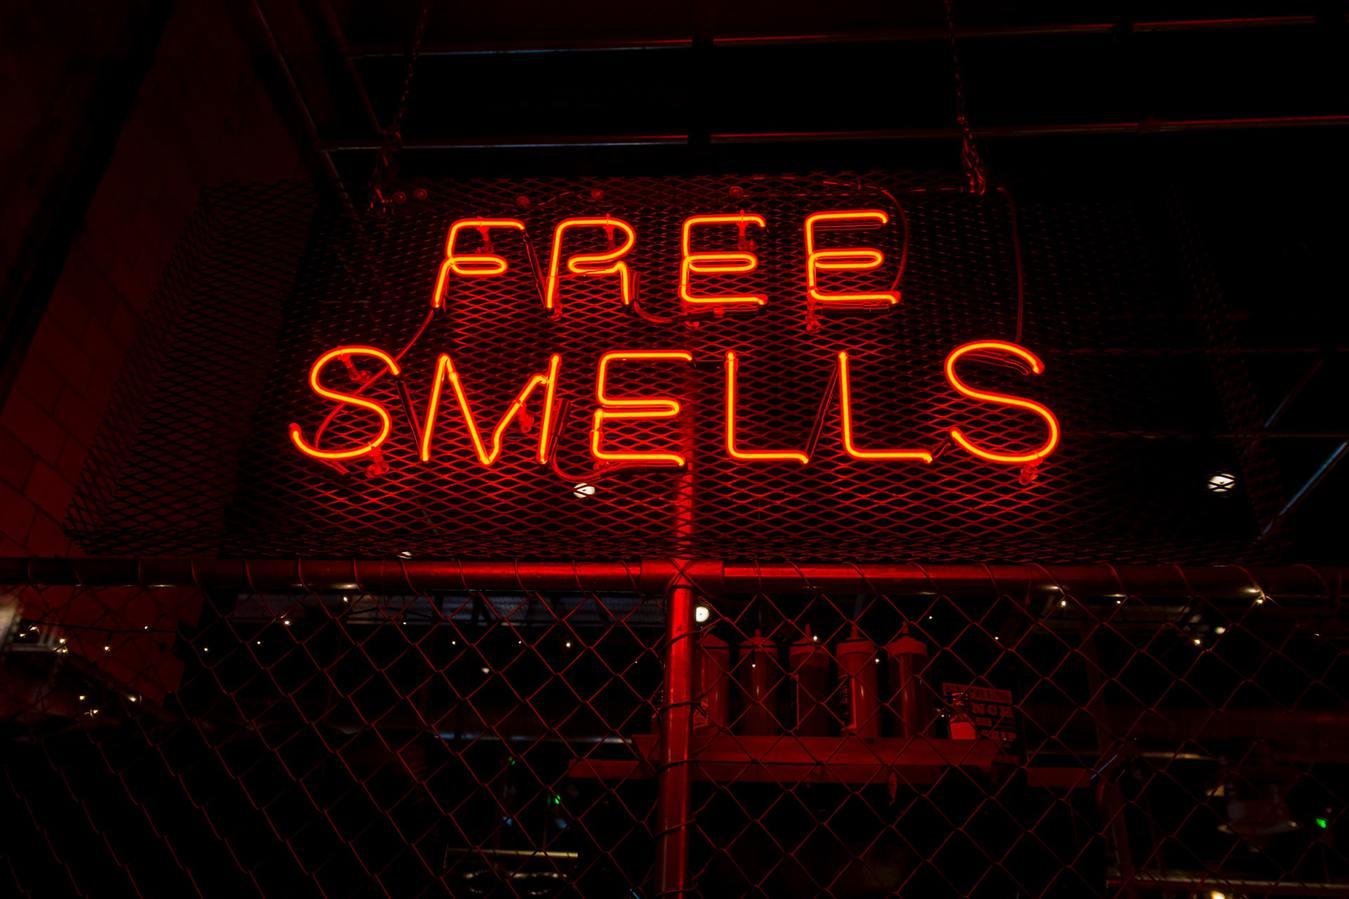 """Placa de neon dizendo """"Free Smells"""" com fundo escuro"""